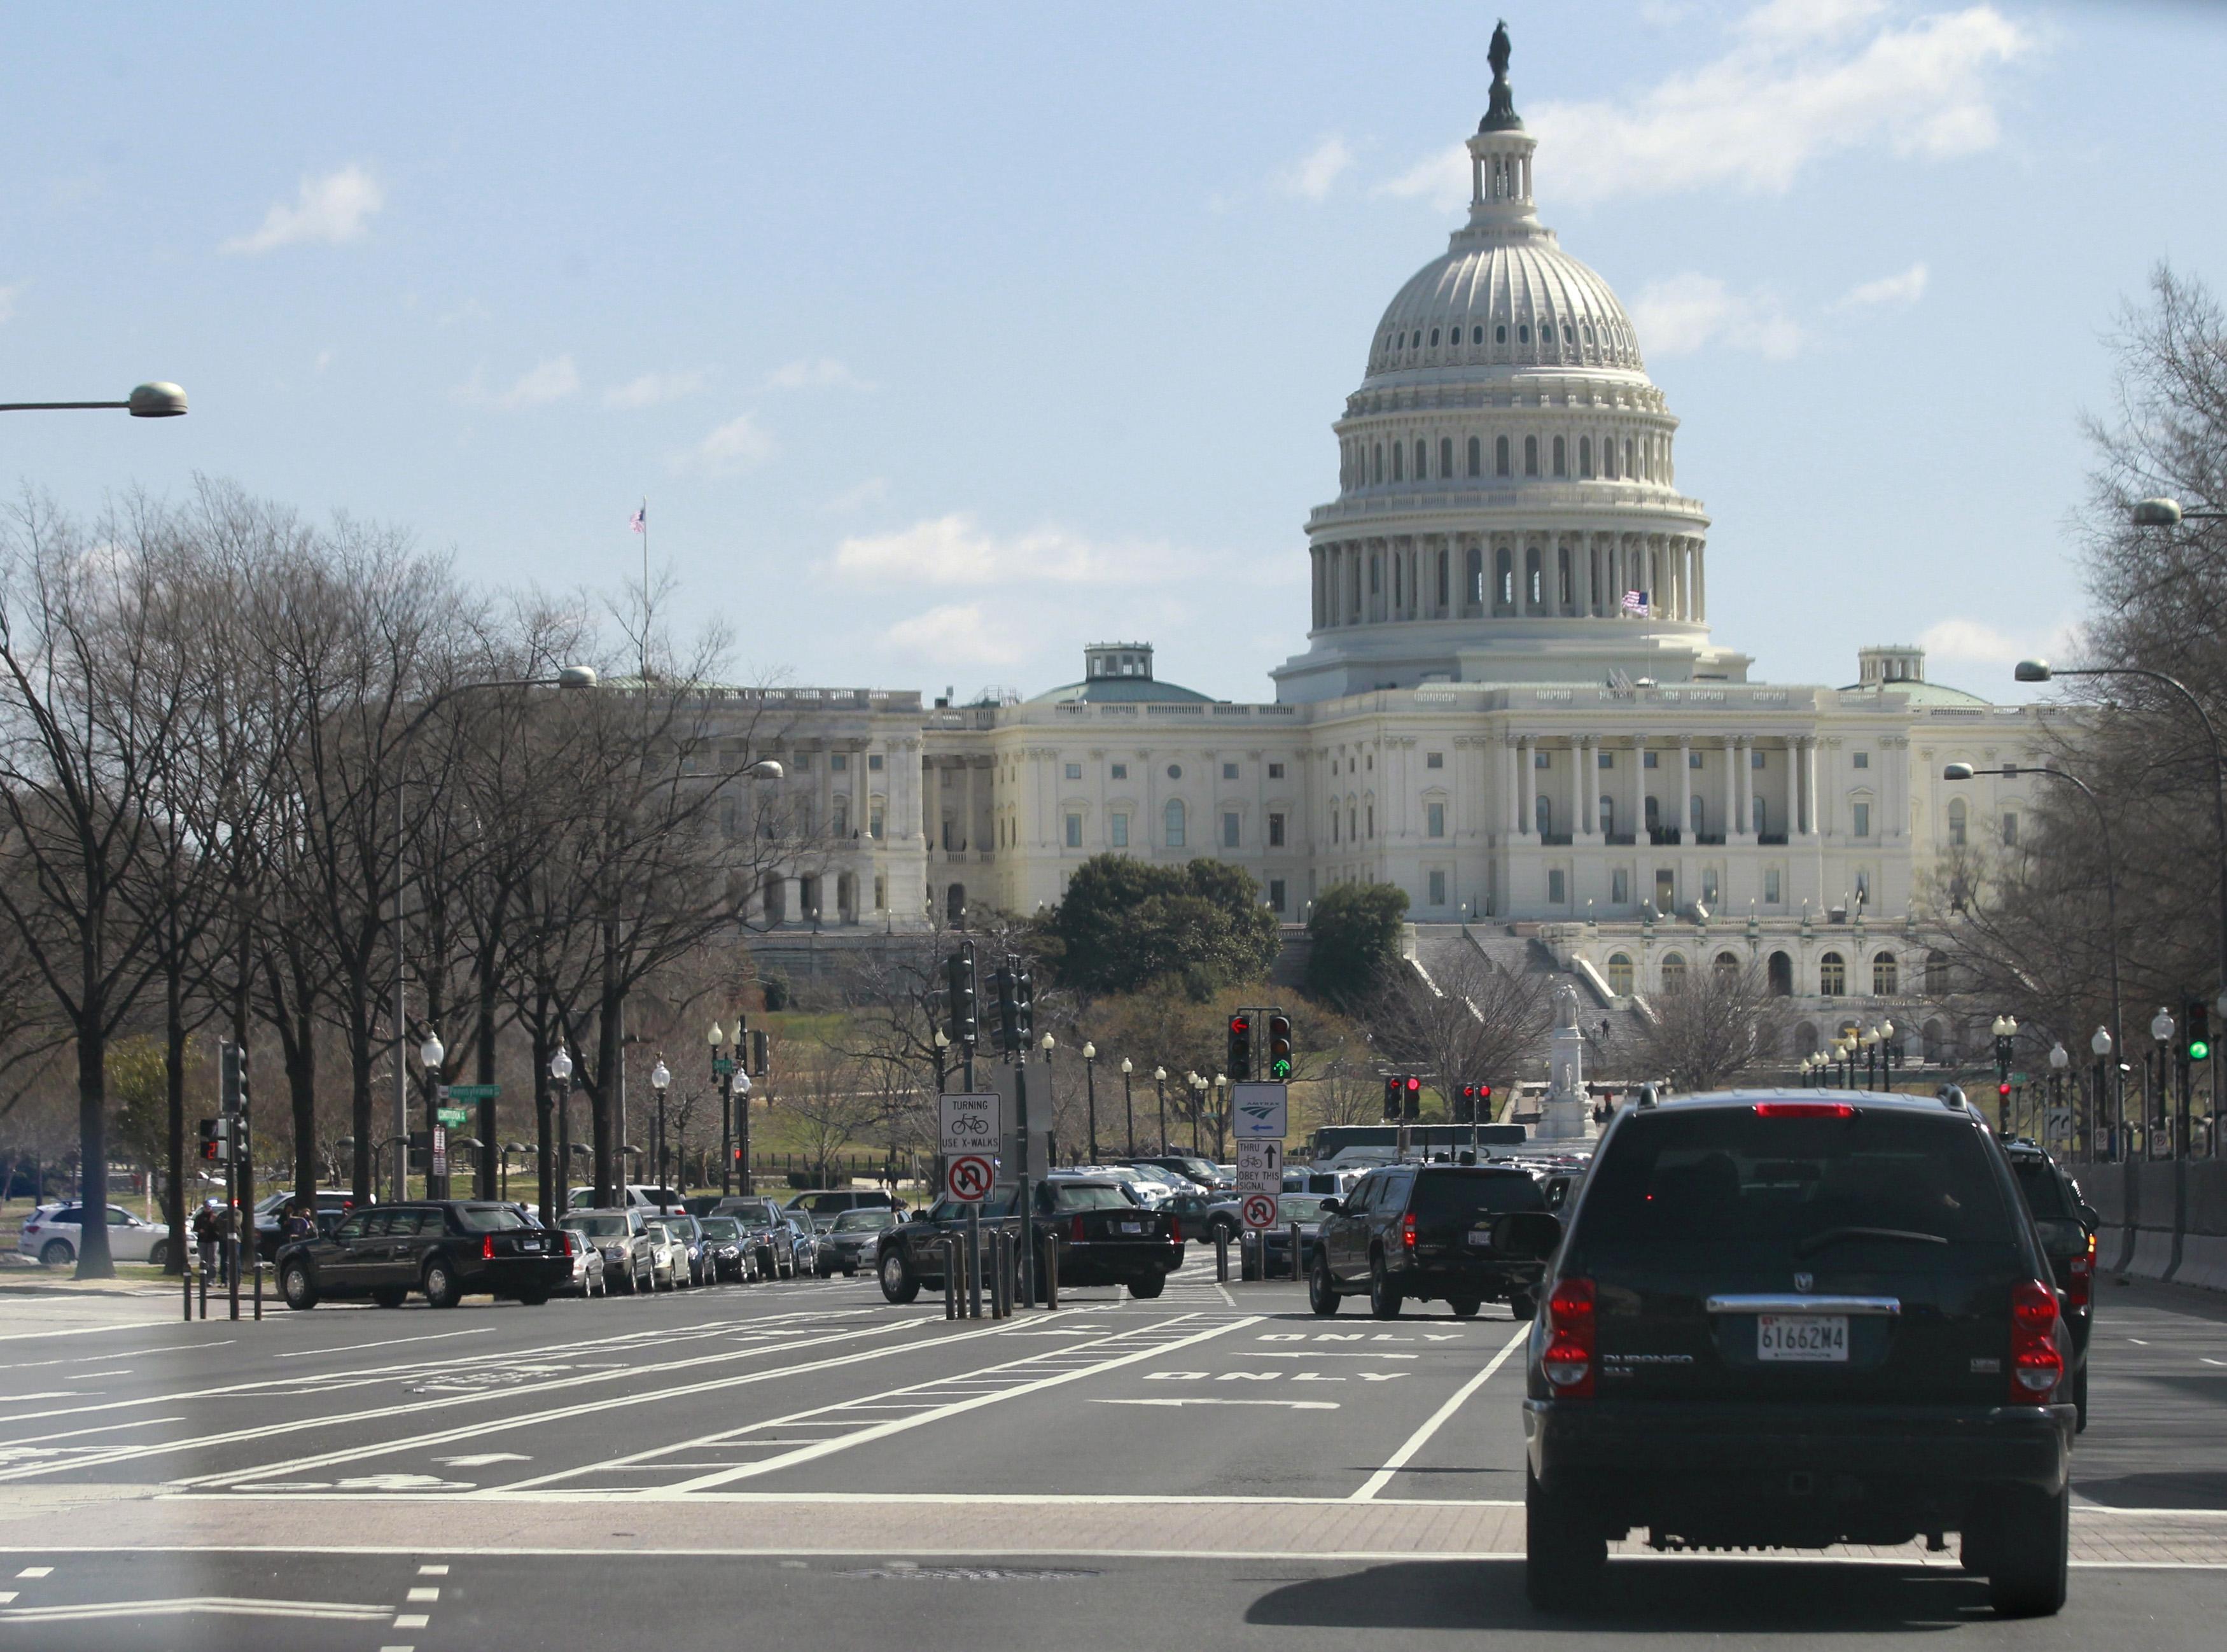 Quốc Hội sẵn sàng phê chuẩn ngân sách chính phủ, nhưng không tài trợ bức tường biên giới